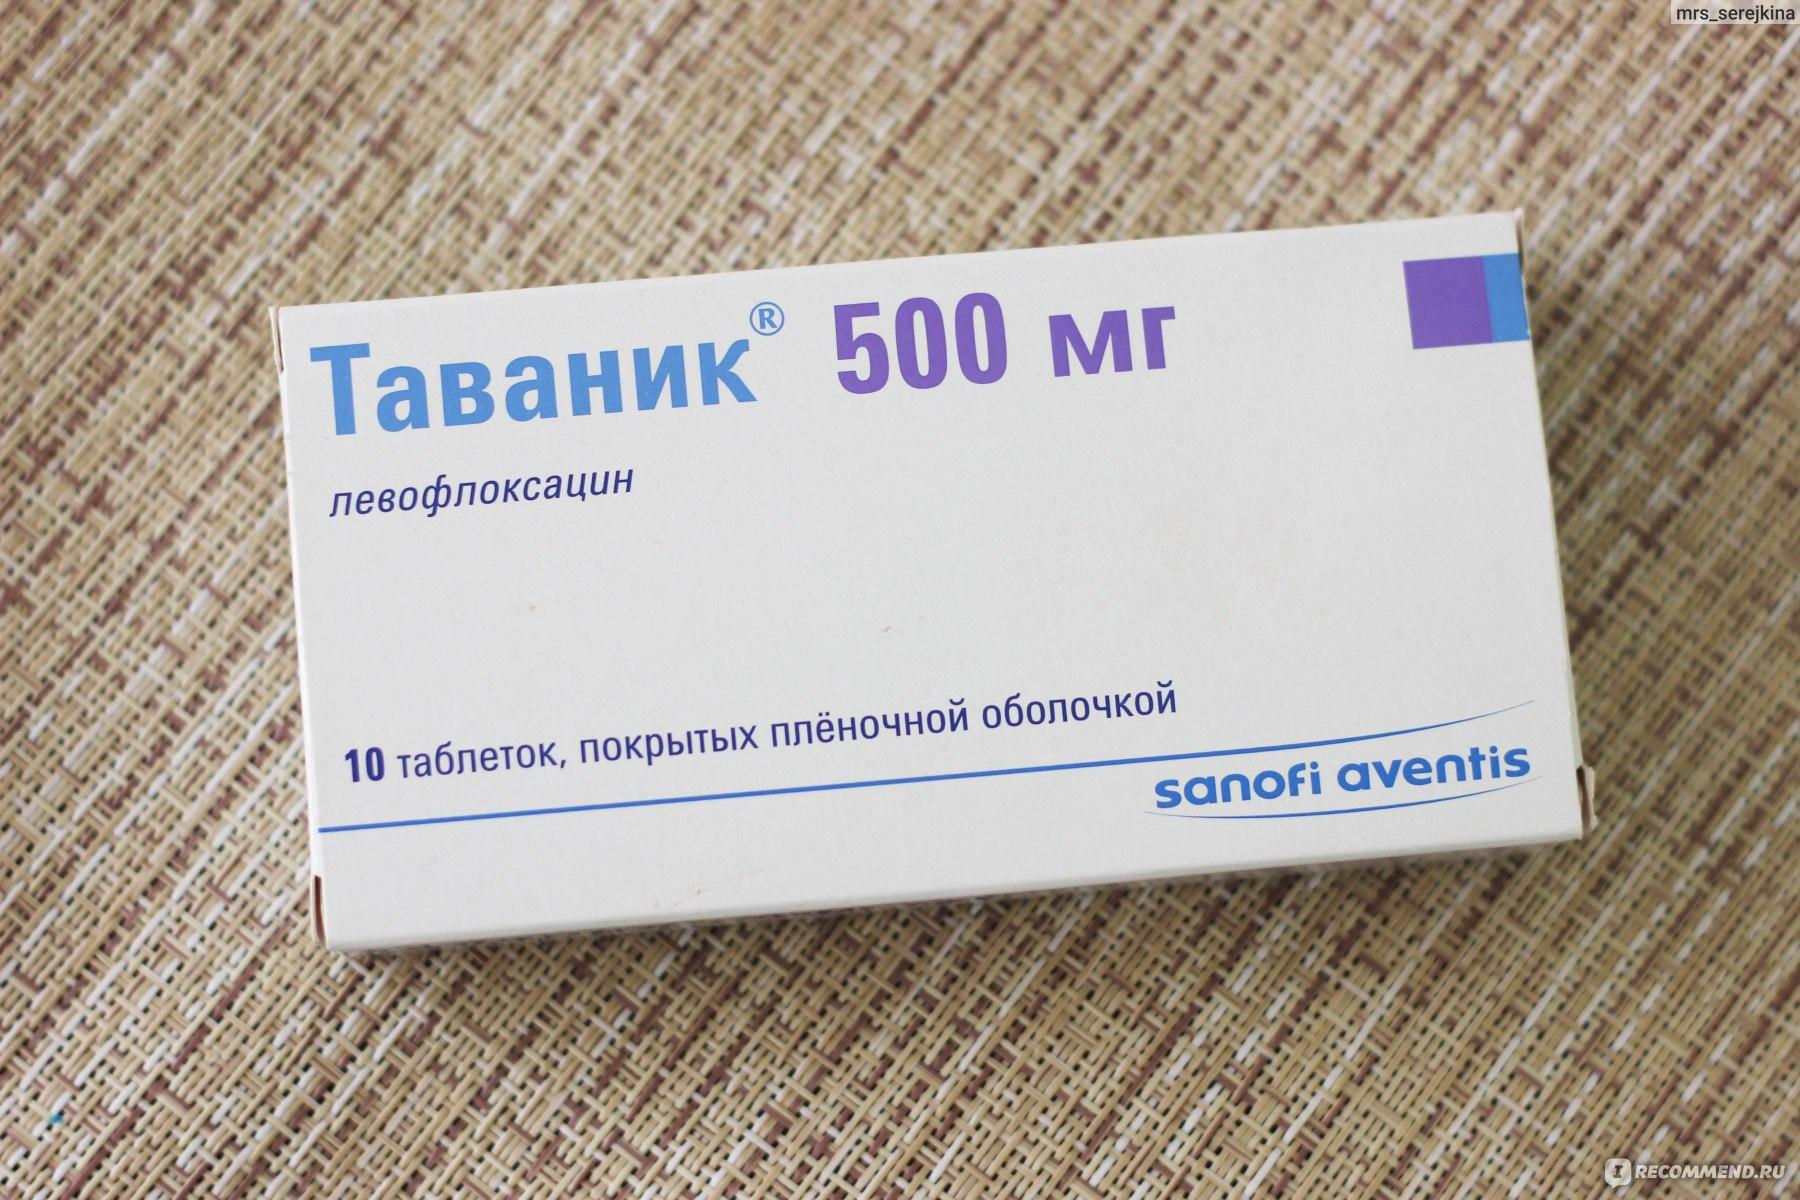 Таваник отзывы при простатите можно ли применять стероиды при простатите